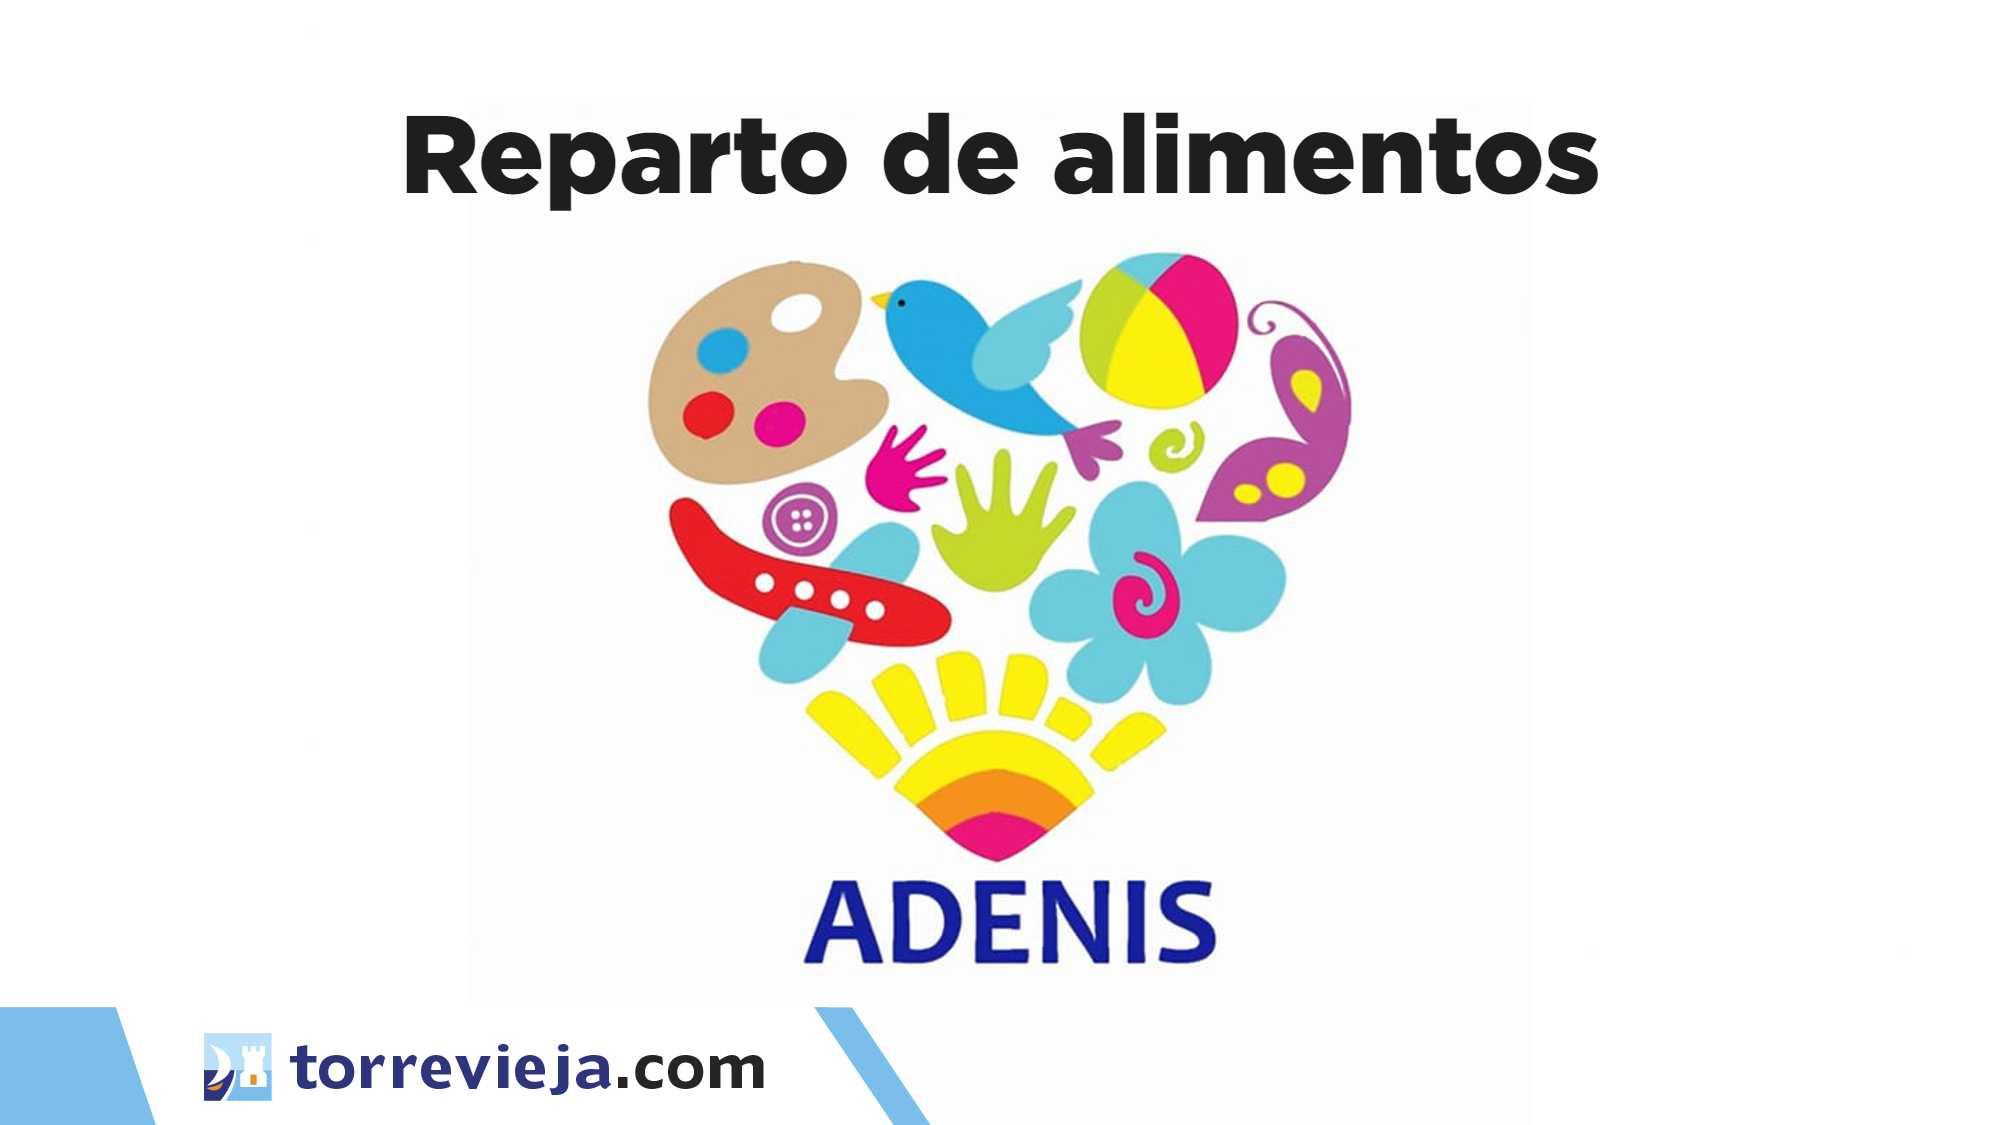 Reparto solidario de alimentos ADENIS asociación Torrevieja